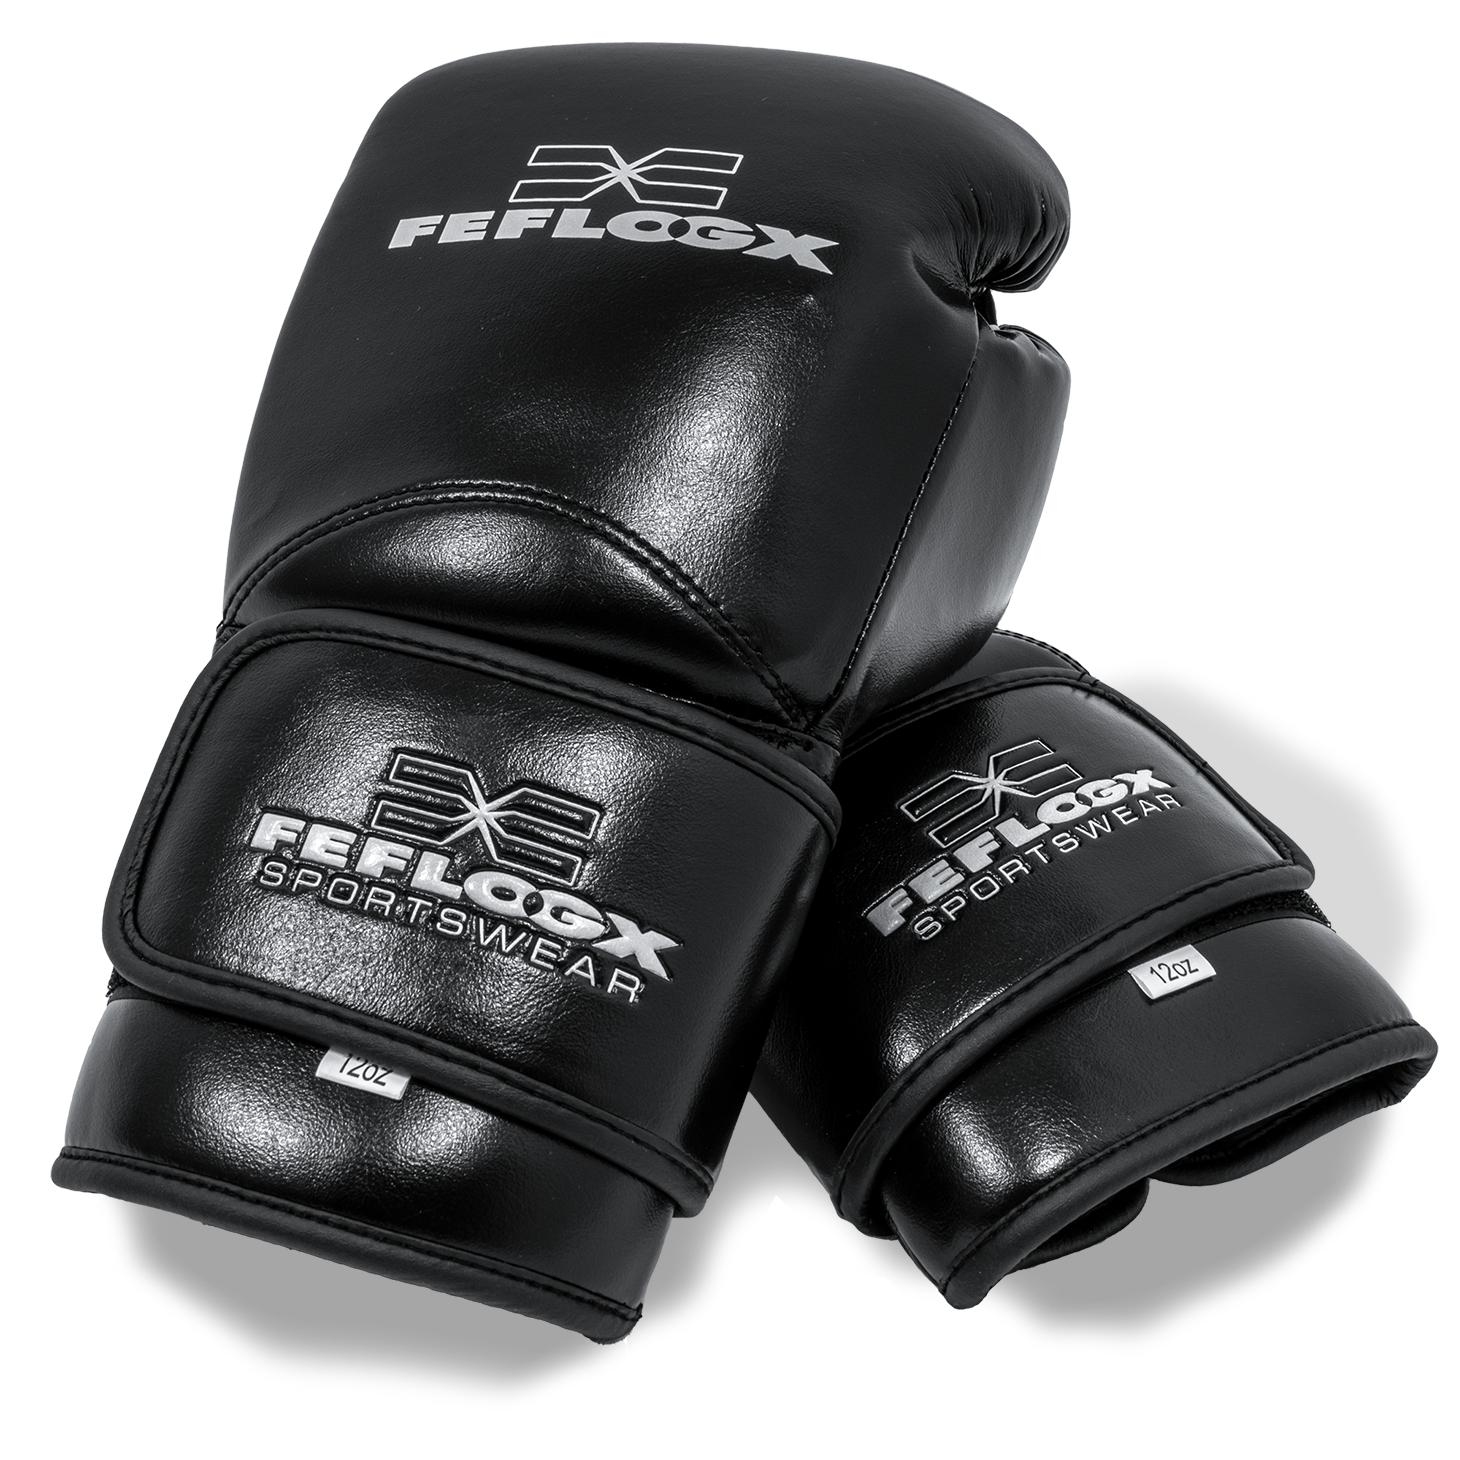 Profi Boxhandschuhe EXC Move von FEFLOGX Sportswear, 10 & 12 & 14 & 16 Unzen, Boxen, hochwertigstes Echt-Leder, weiß.